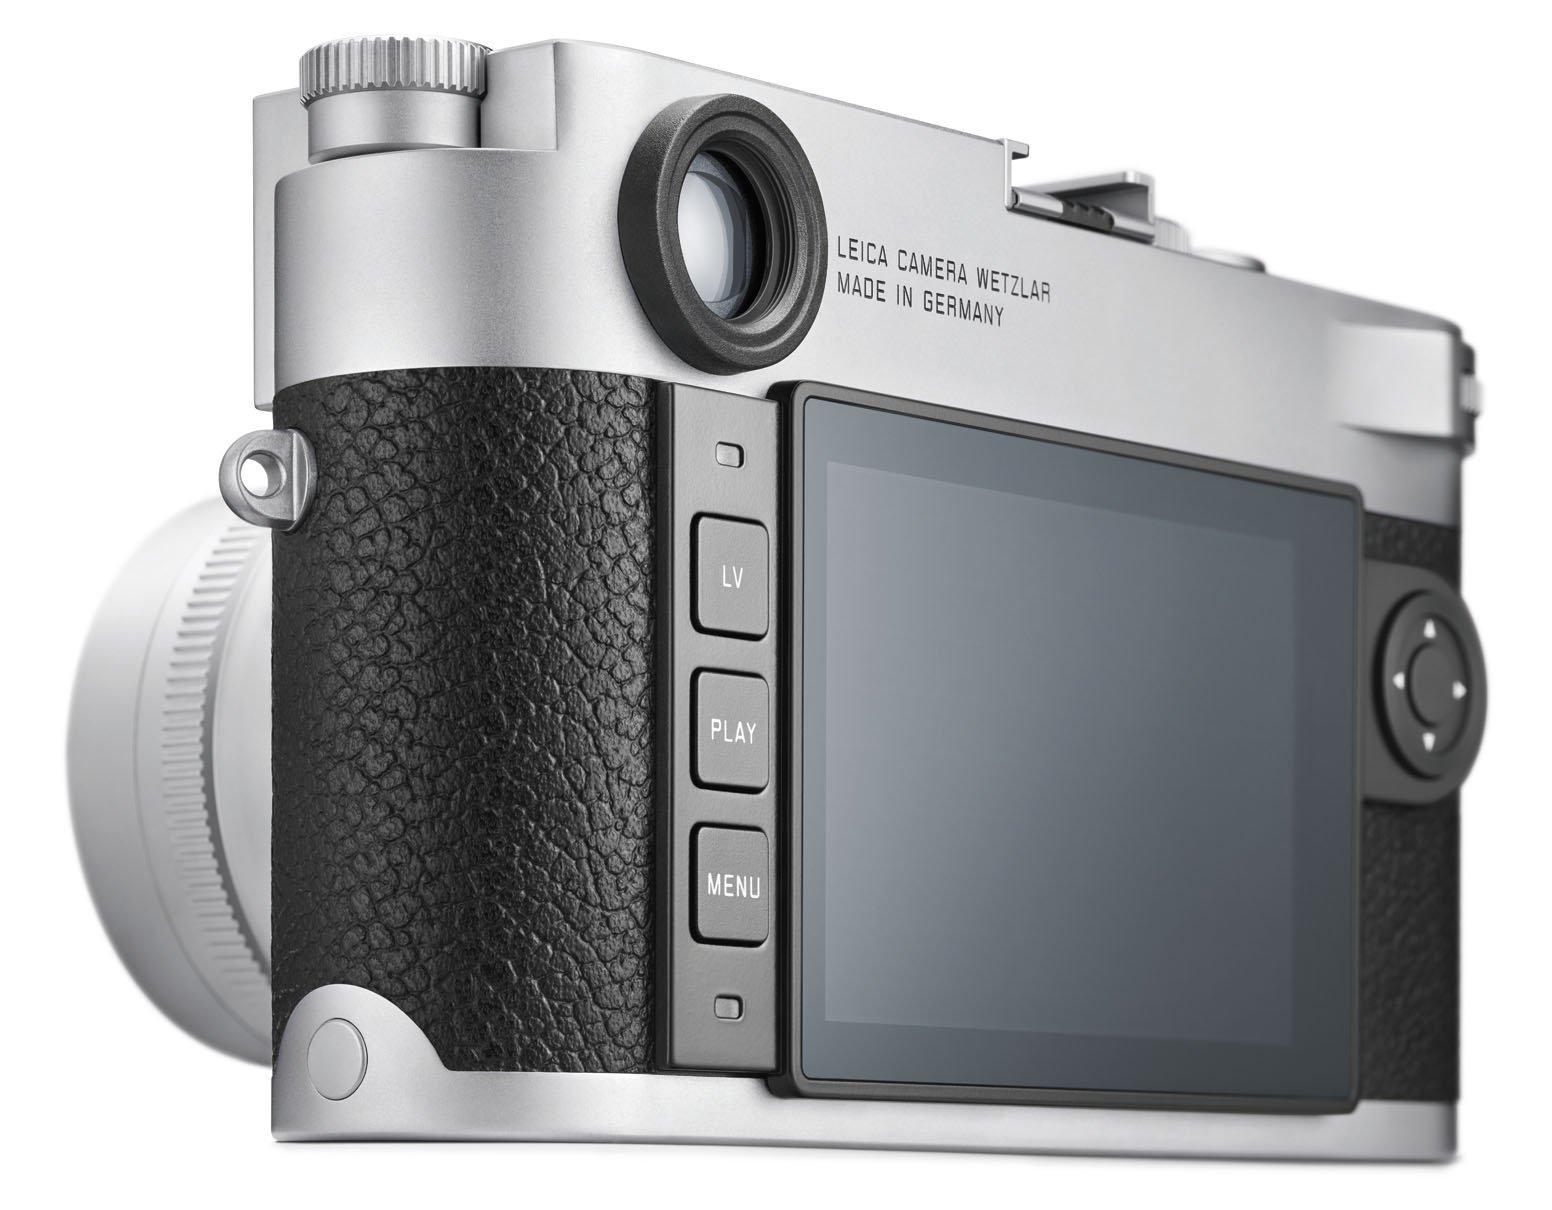 Imagen trasera de la Leica M10